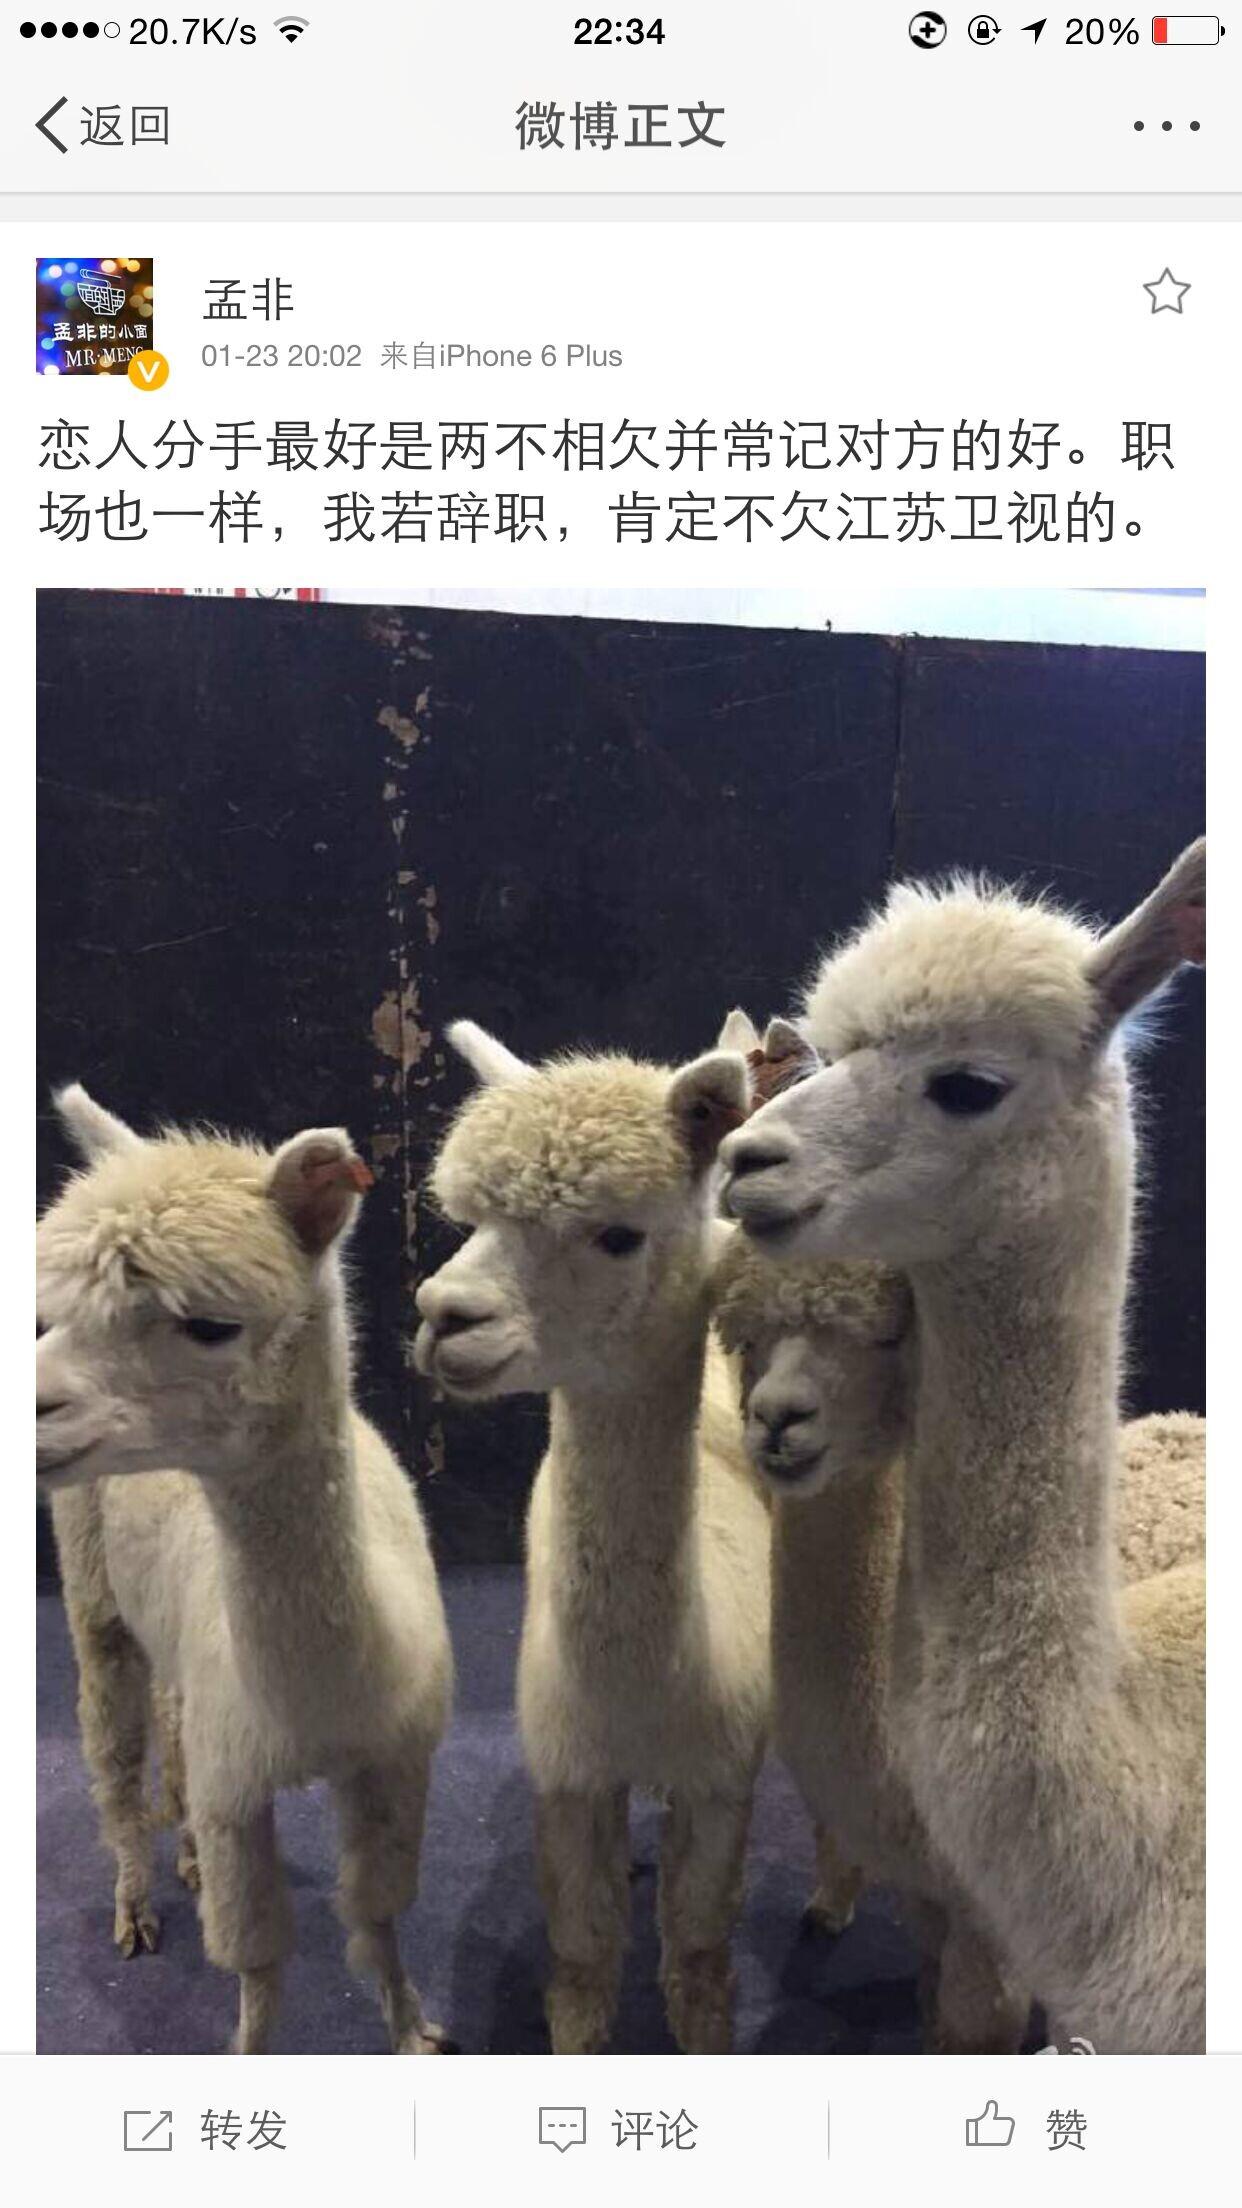 孟非发微博配图 草泥马 疑似辞职江苏卫视